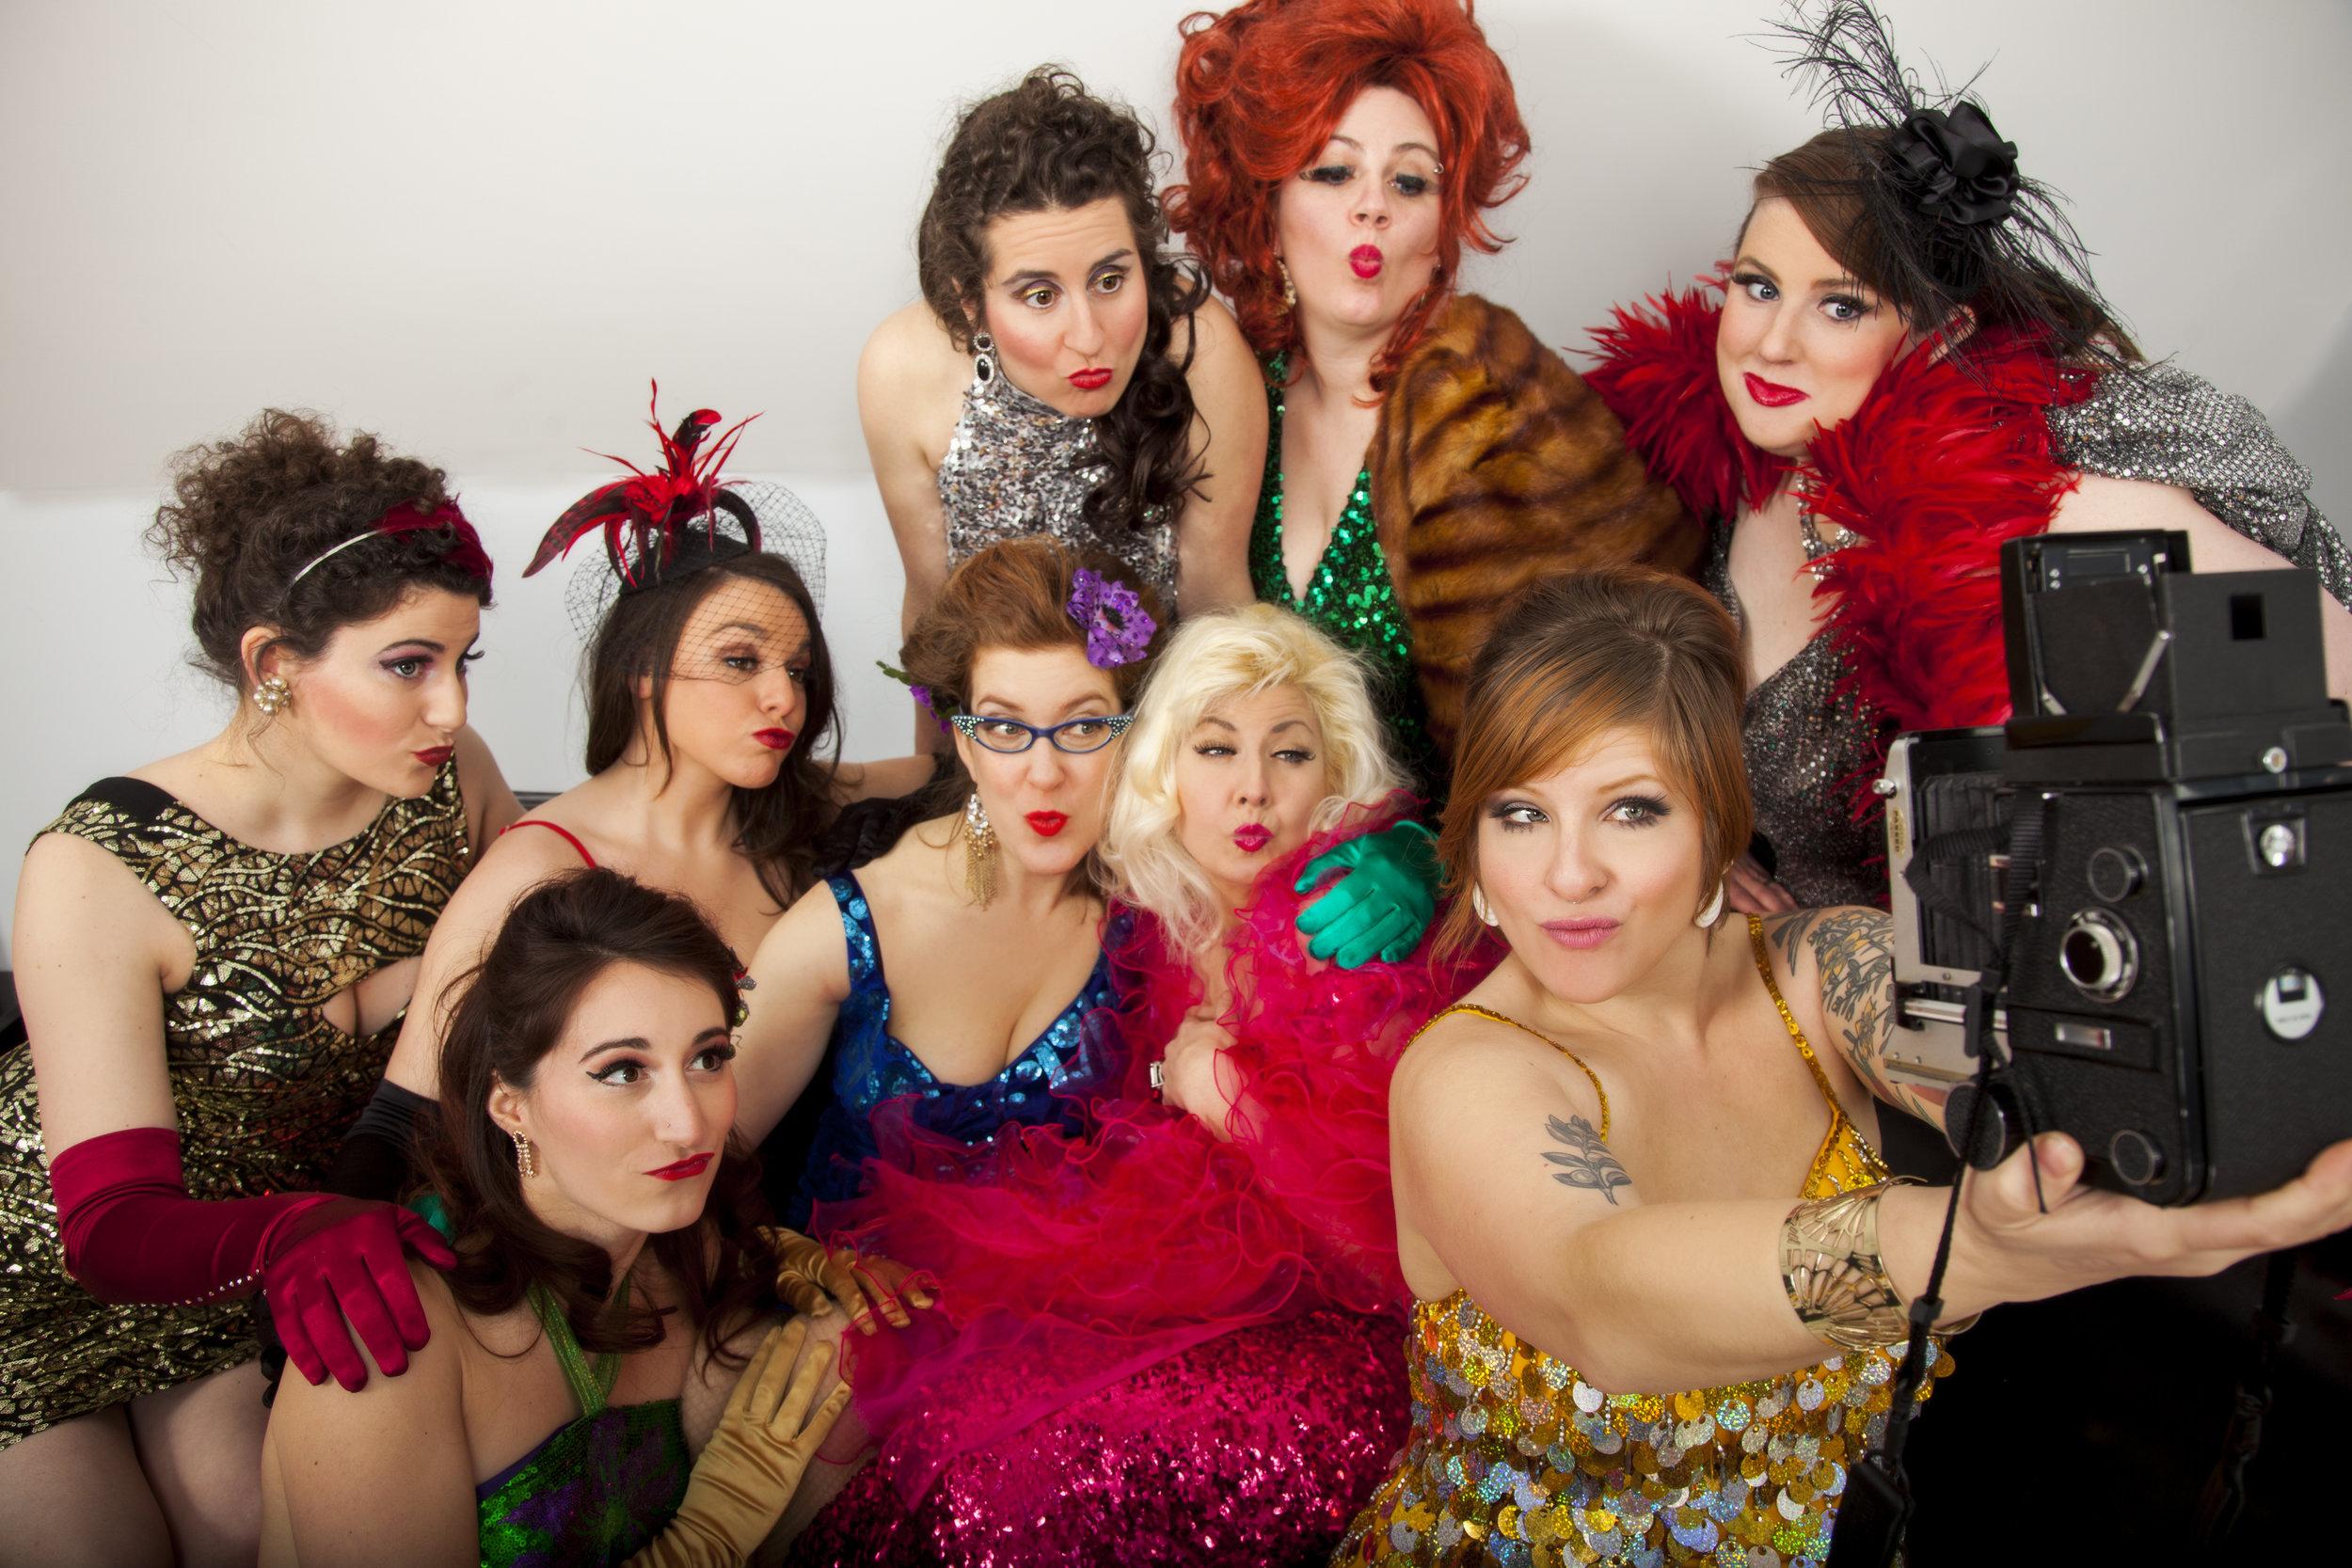 Rogue Burlesque duckface selfie - hi res.jpg